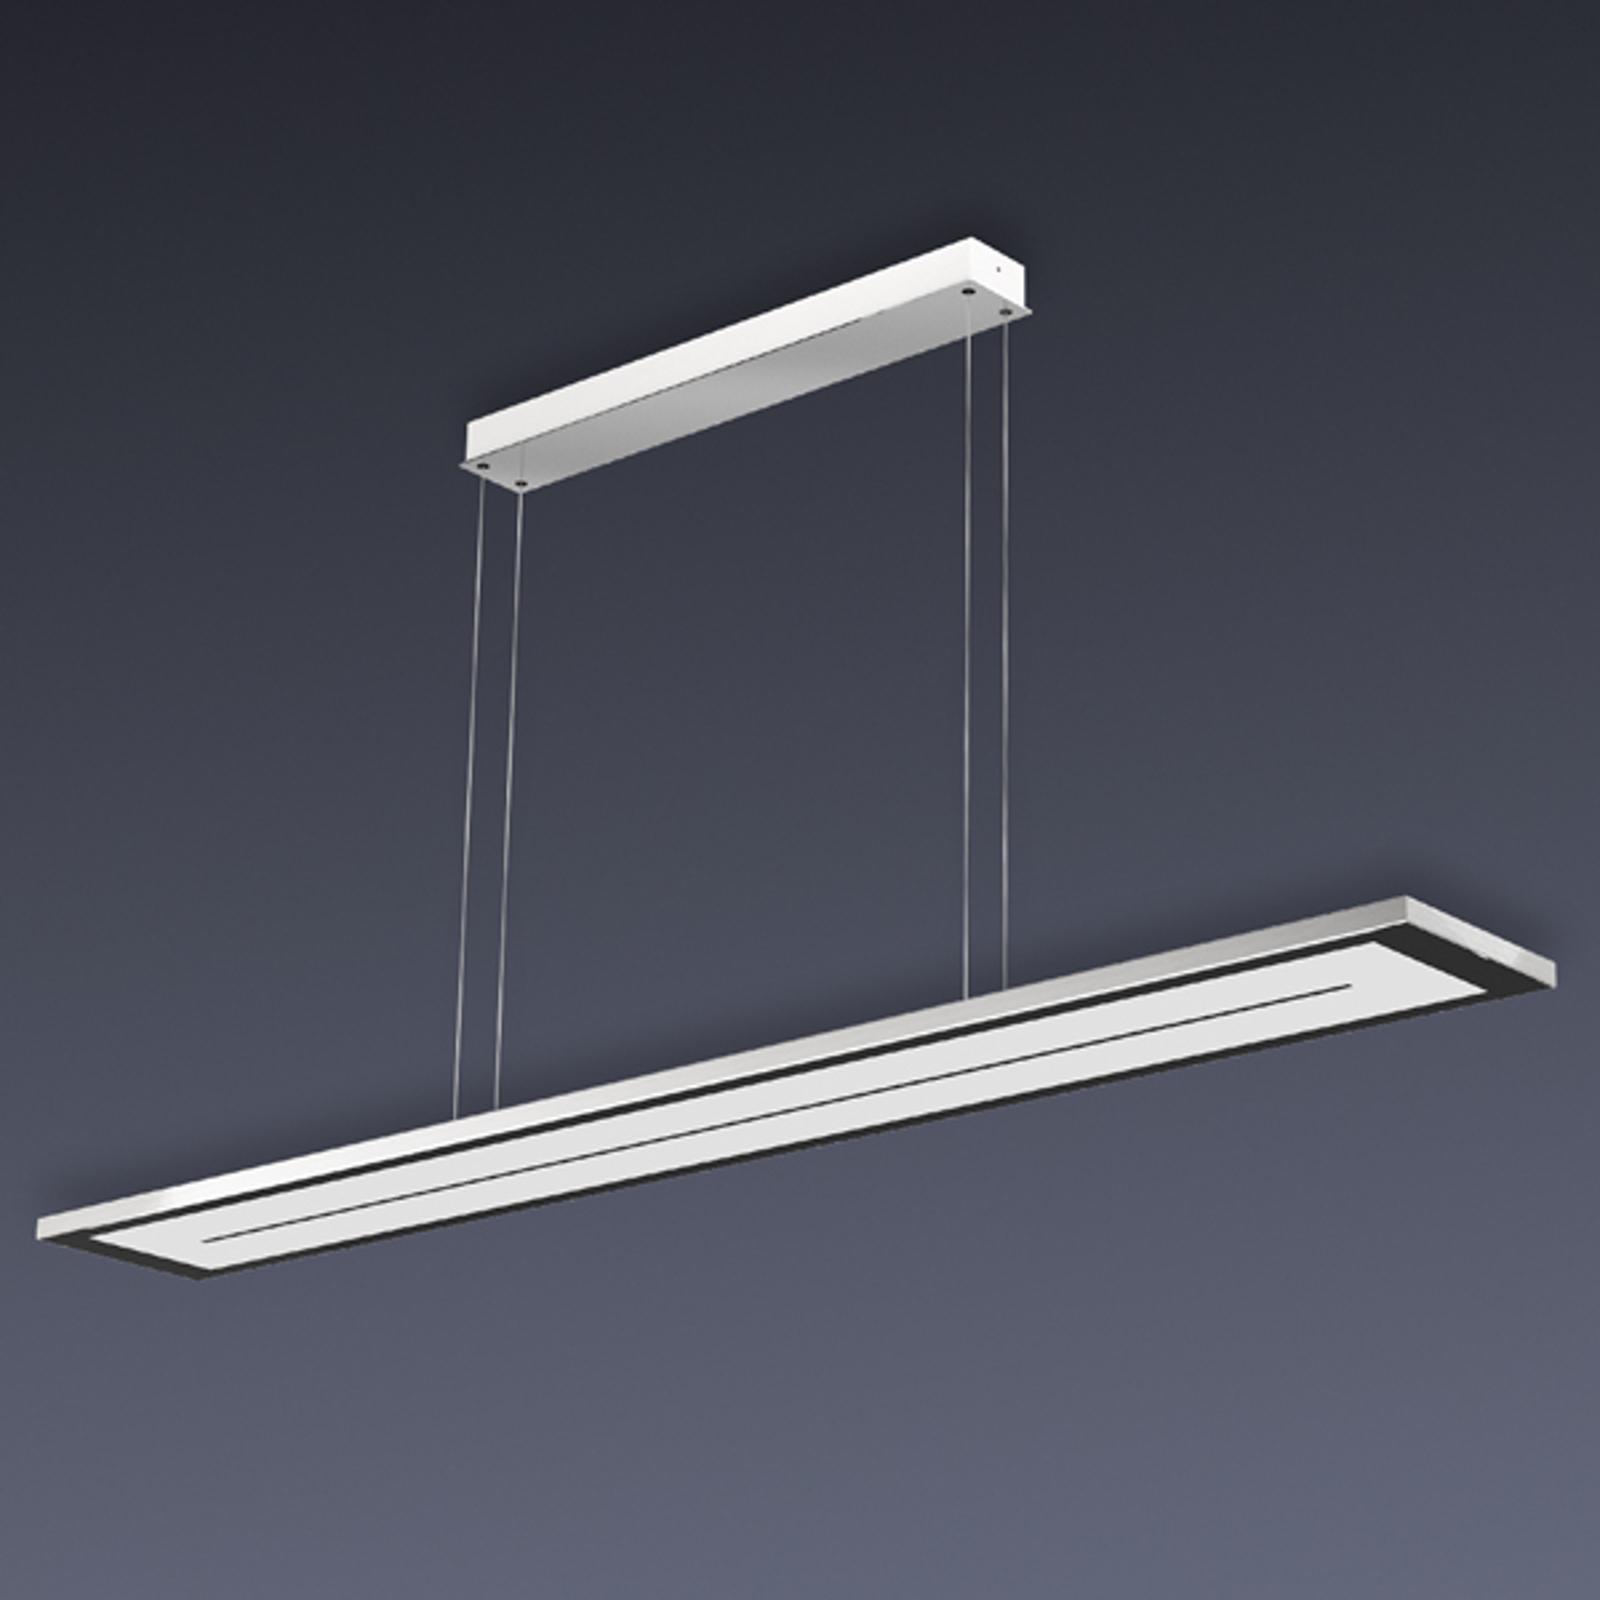 Lampa wisząca LED ZEN z reg. wys., dł. 138 cm